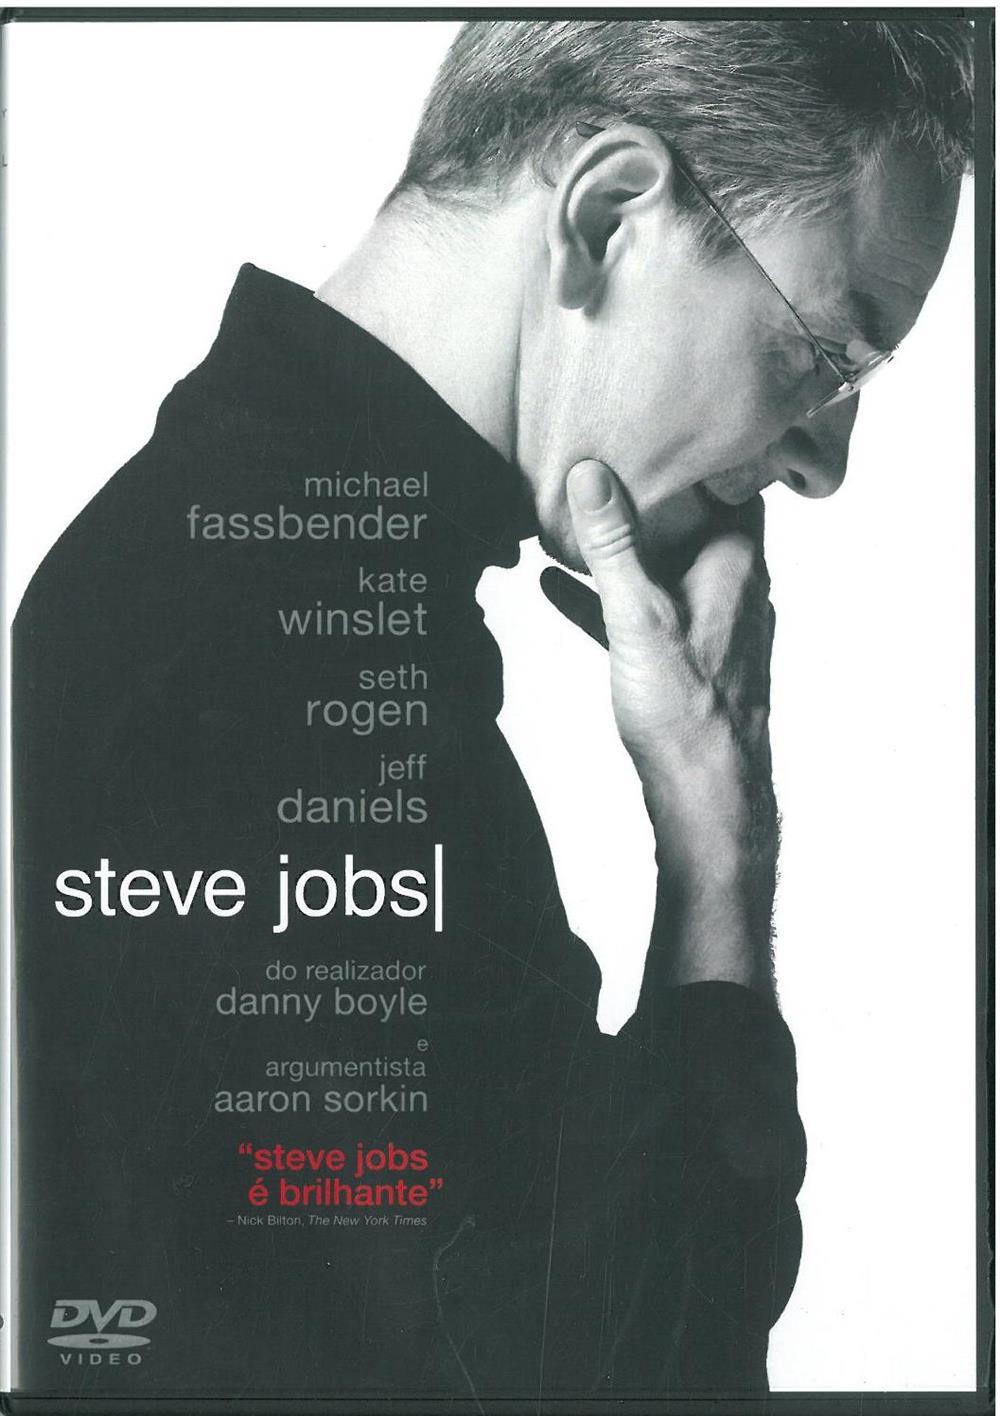 Steve Jobs_DVD.jpg